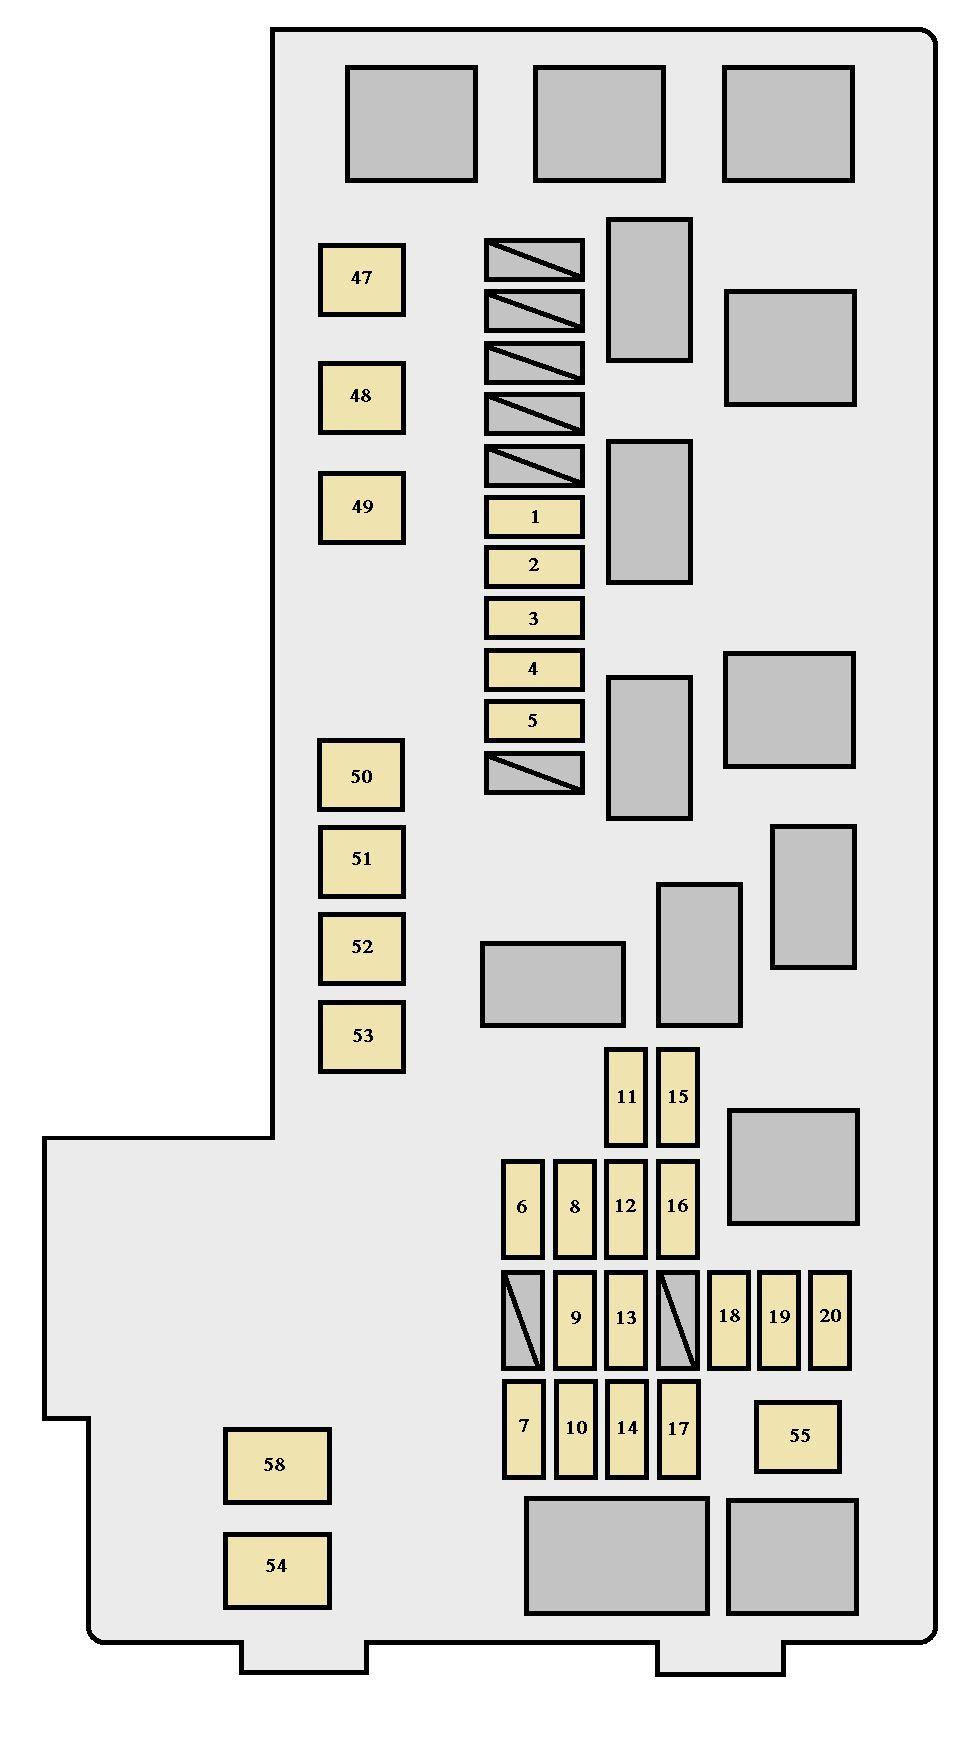 2012 Highlander Fuse Box Diagram Full Hd Version Box Diagram Room Diagram Kuteportal Fr